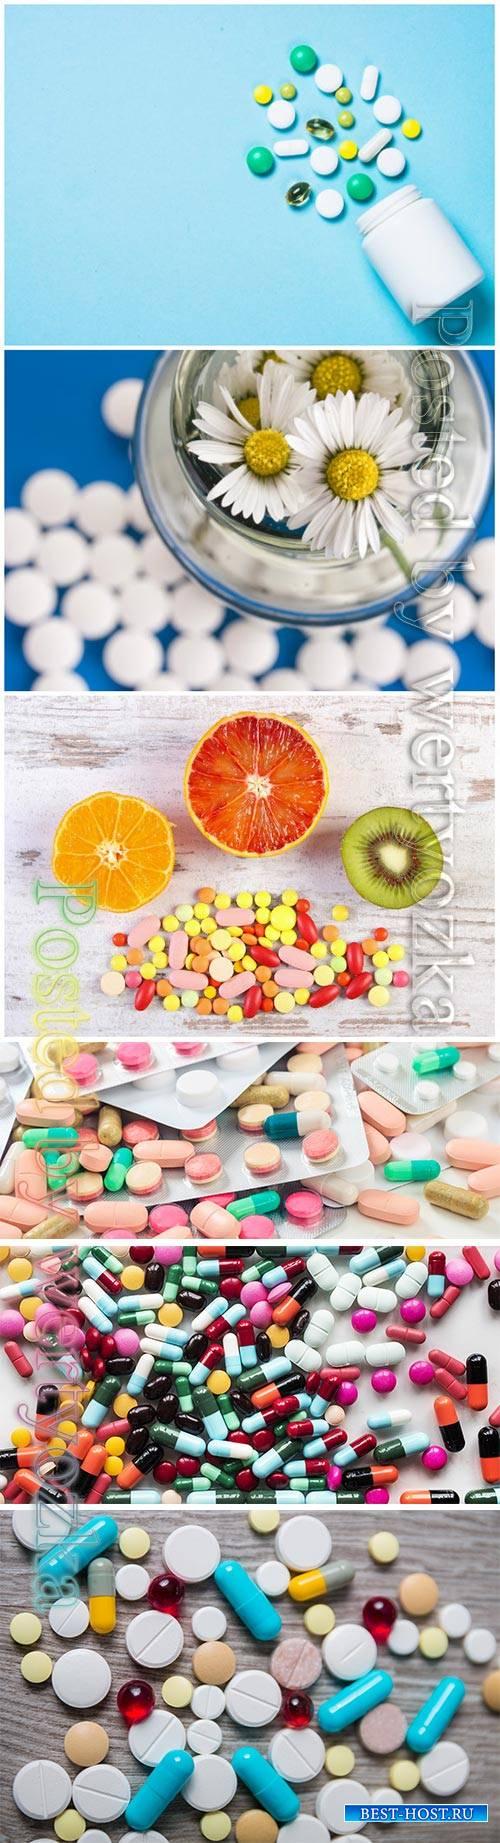 Medical pills beautiful stock photo